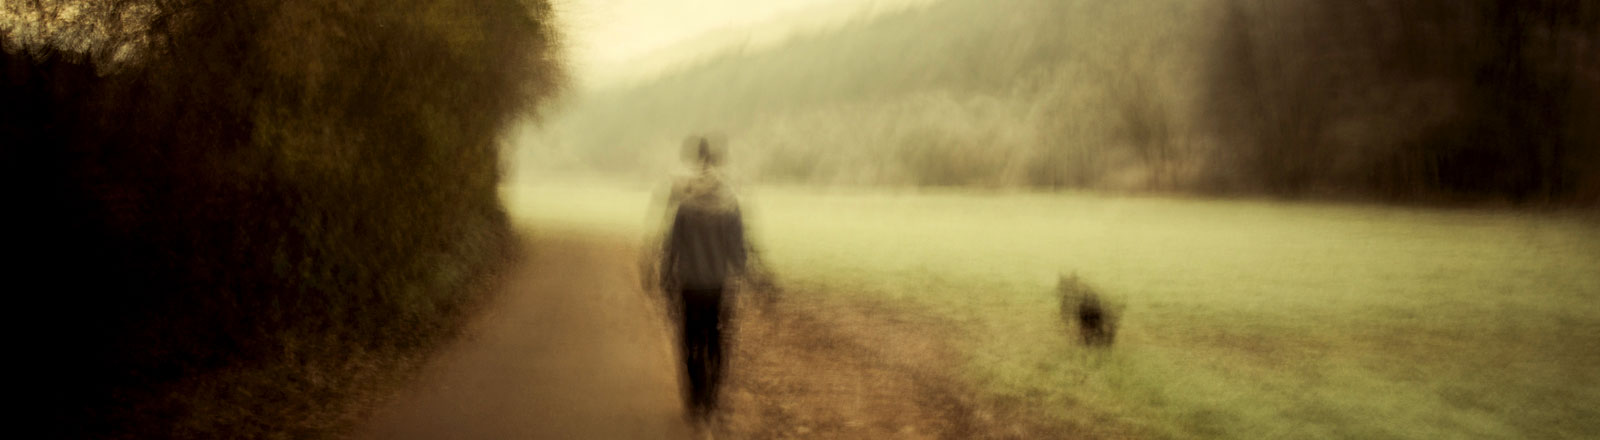 Eine Person geht alleine über einen Weg mit einem Hund an der Leine. Das Bild ist sehr verschwommen.